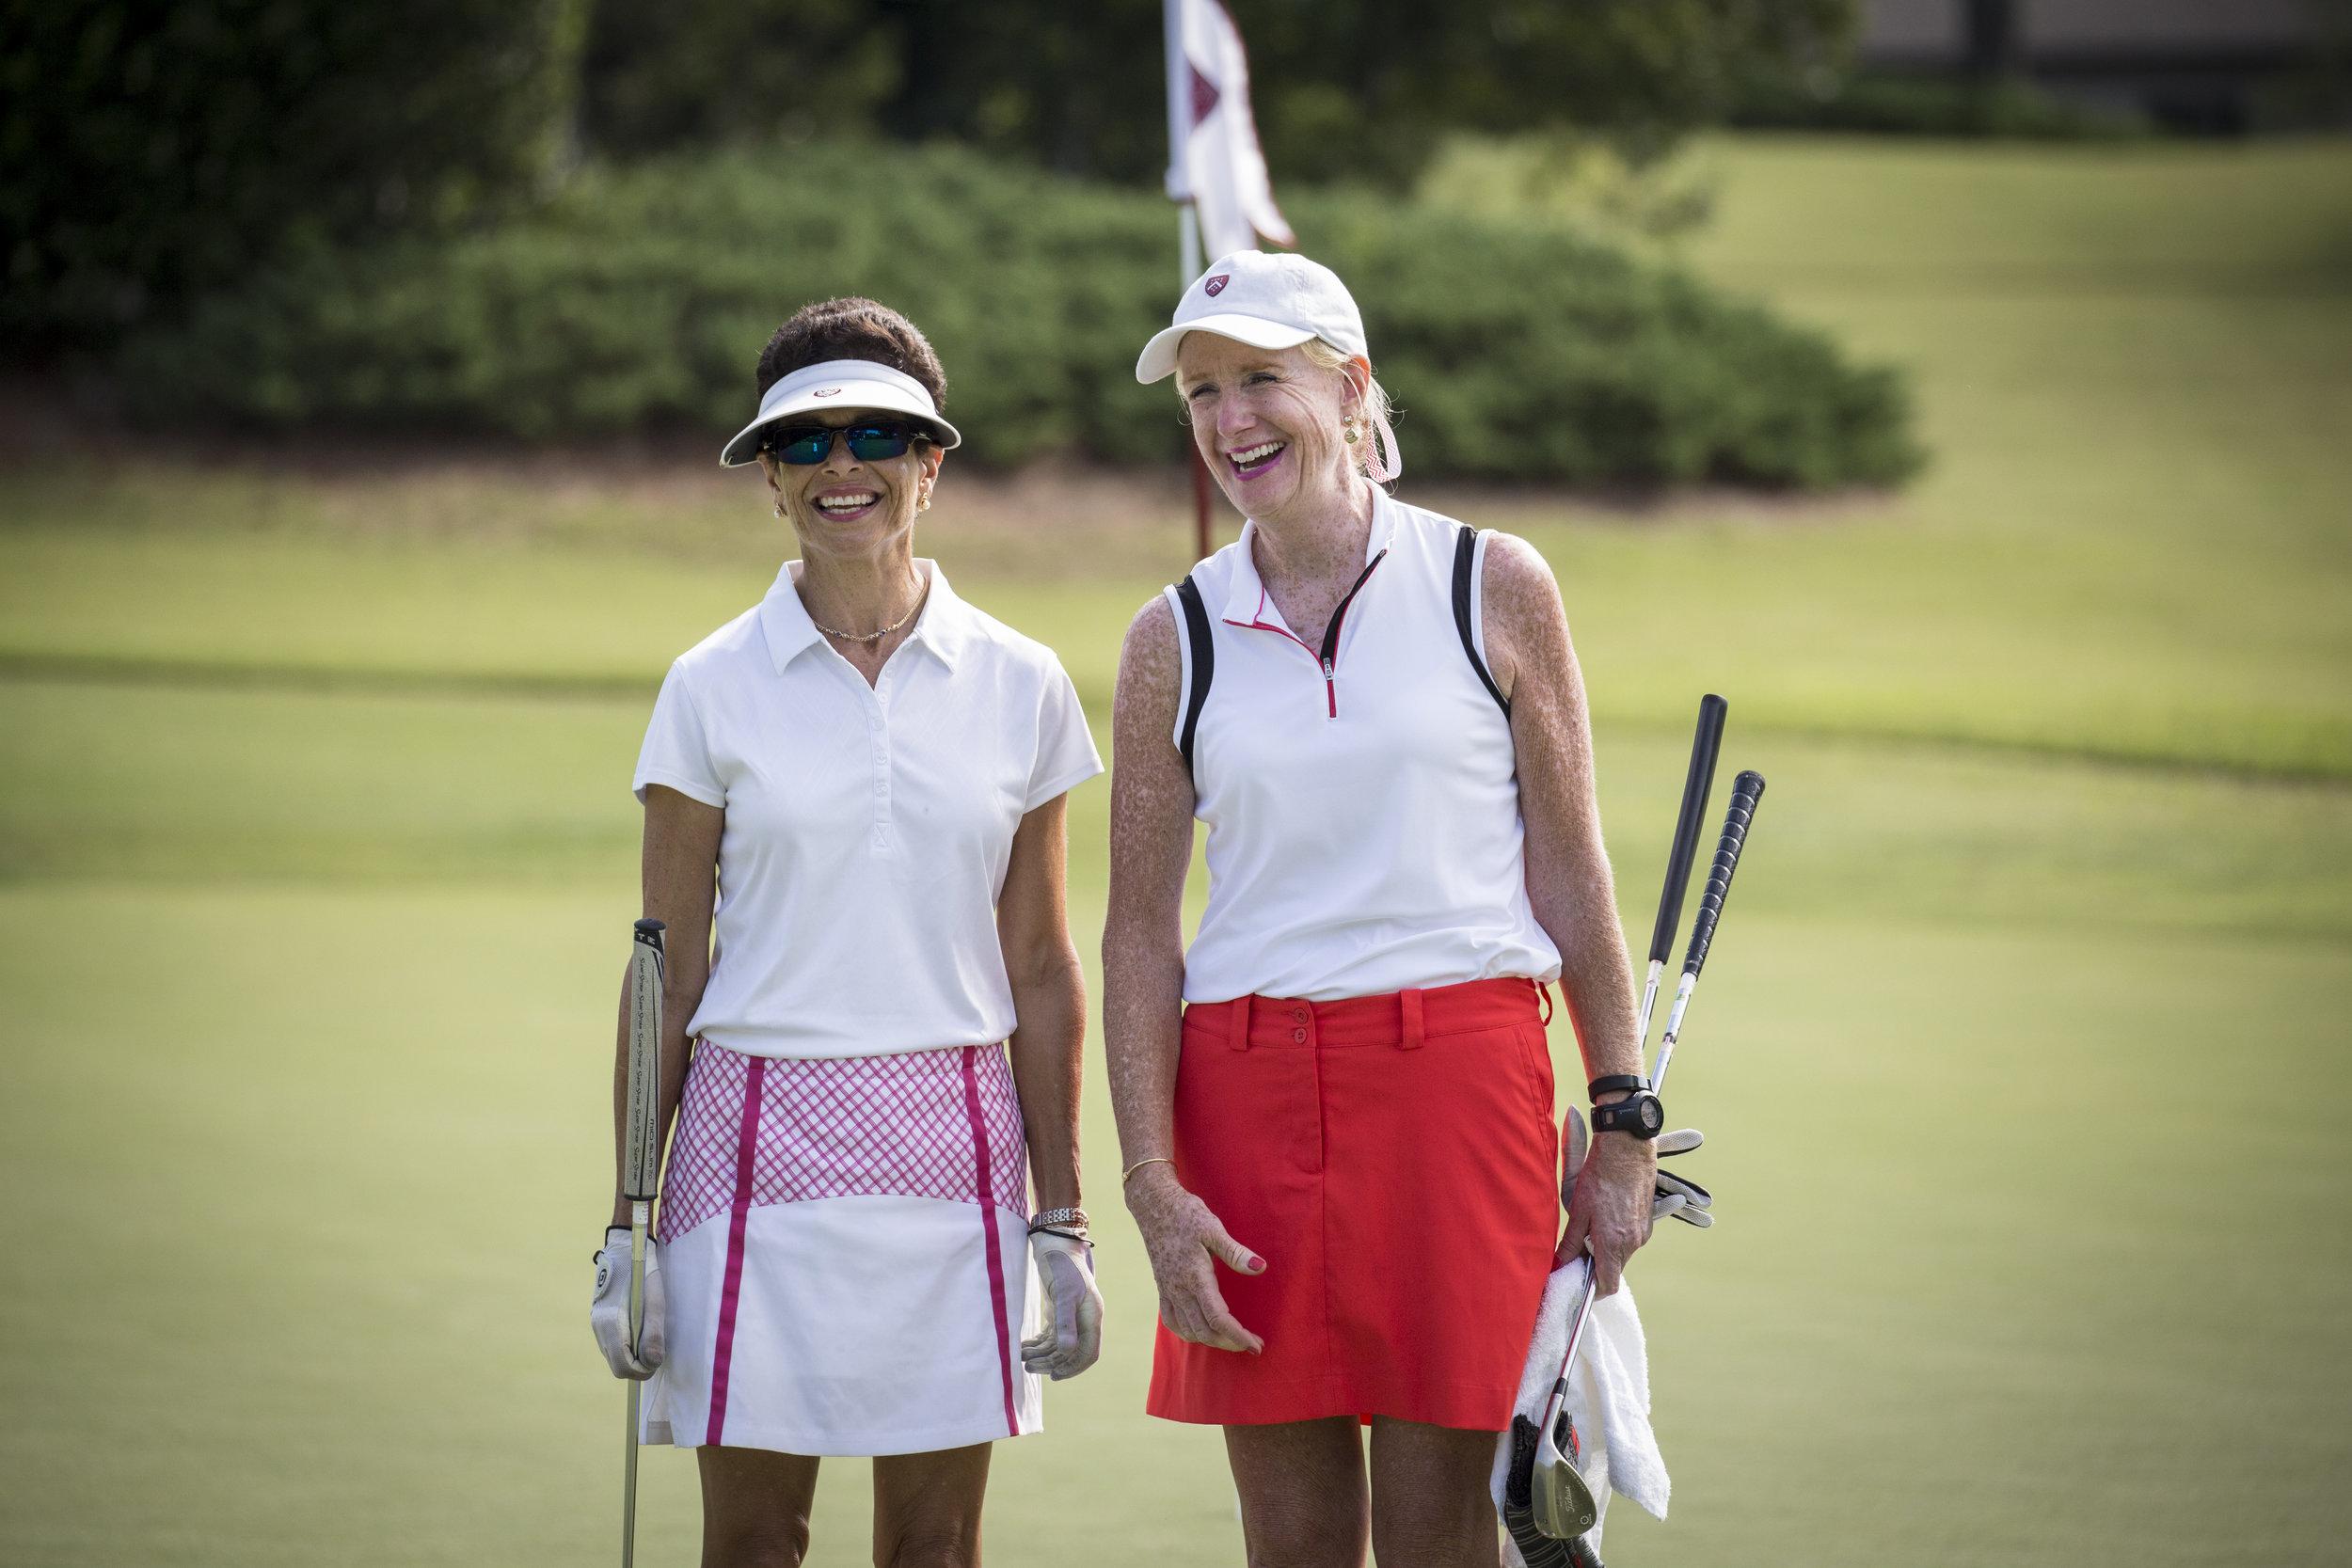 Women golfers close-up.JPG